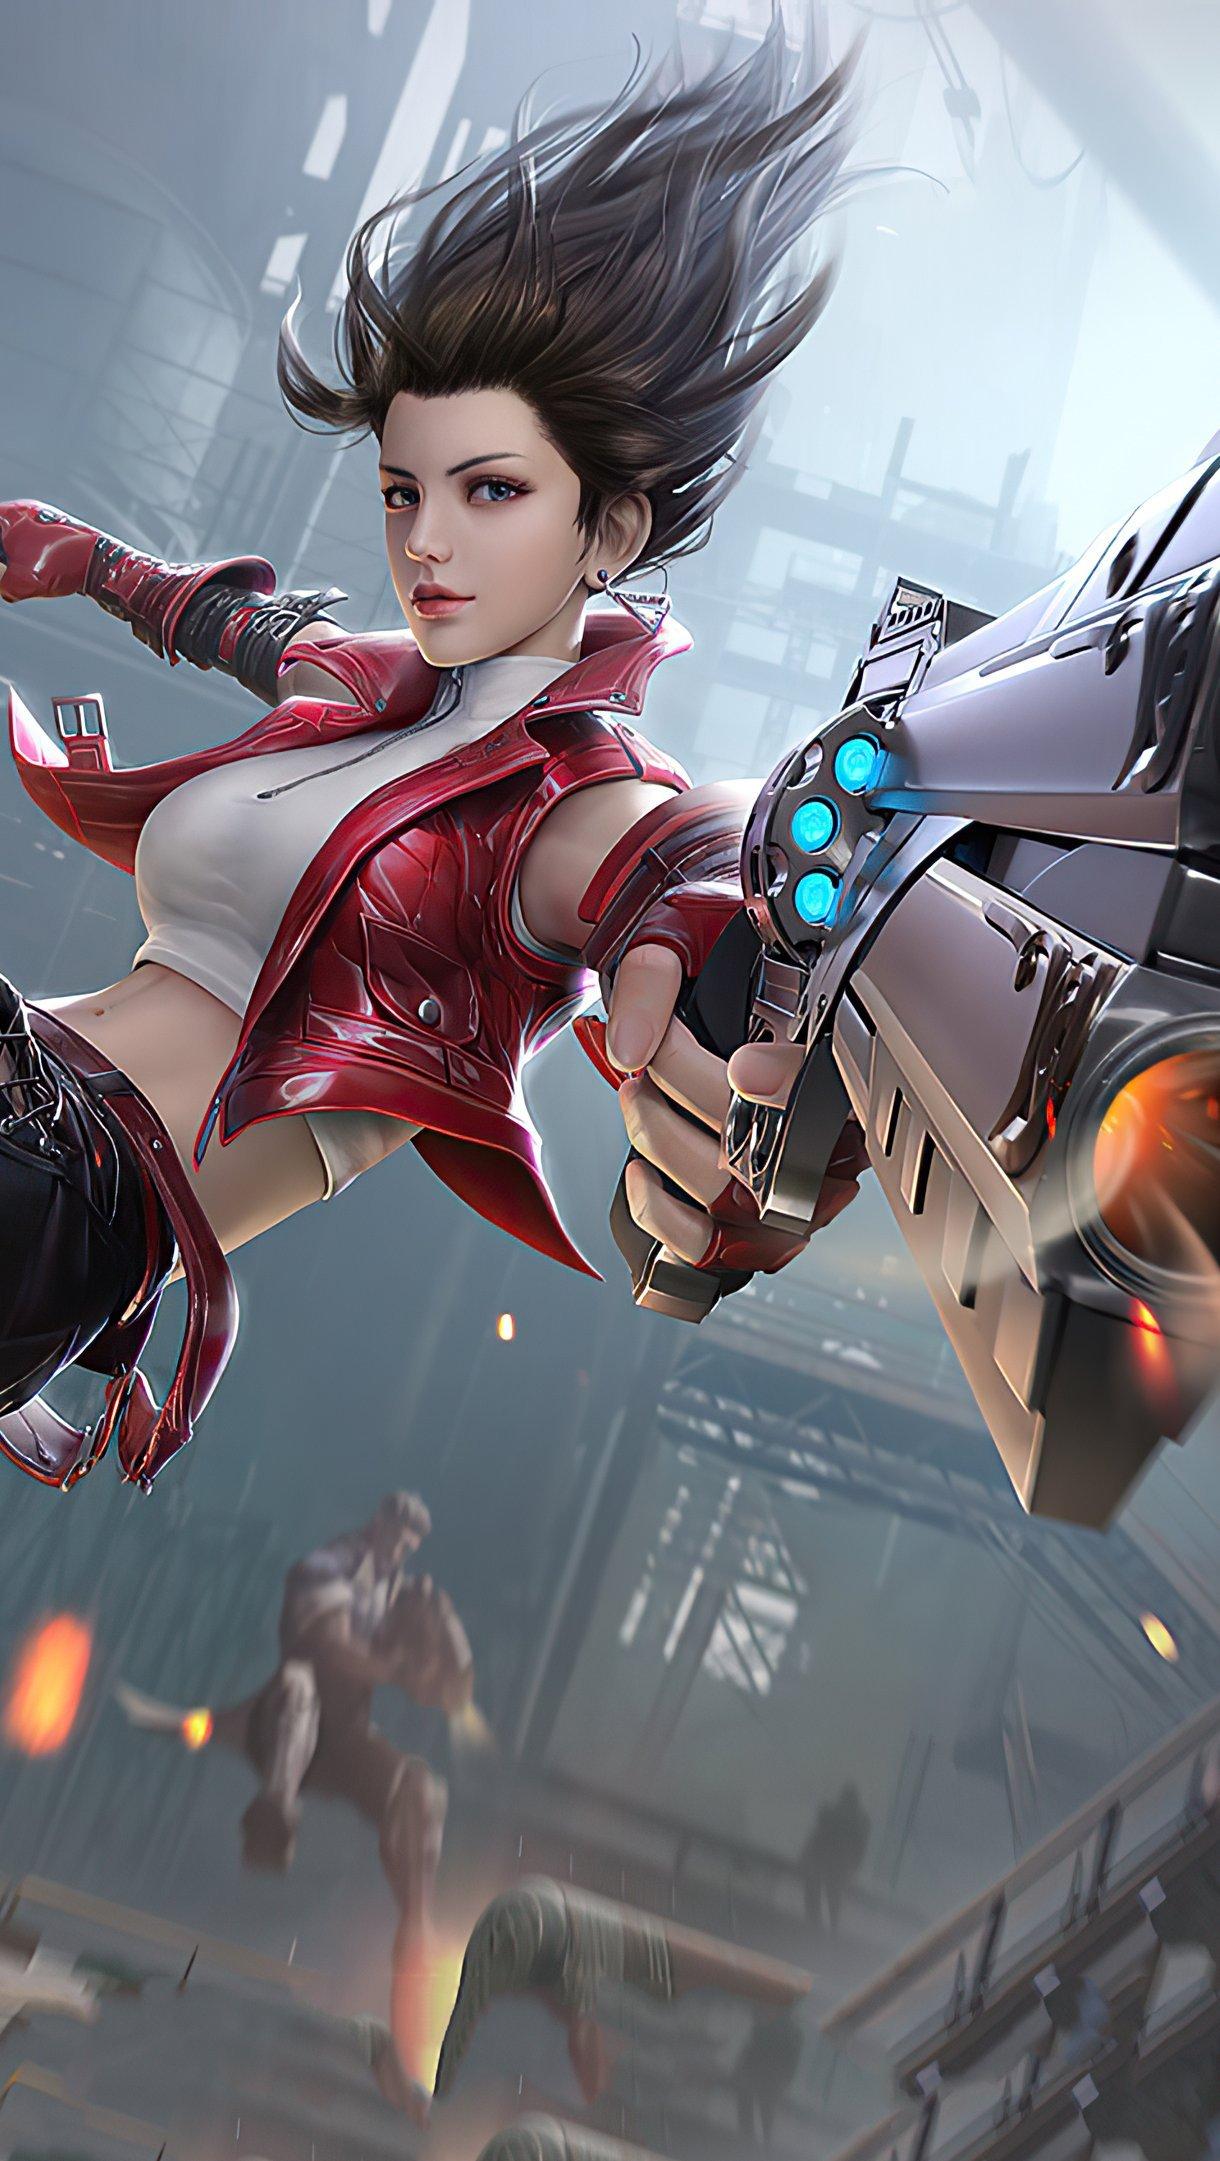 Fondos de pantalla Chica con arma de PUBG Vertical